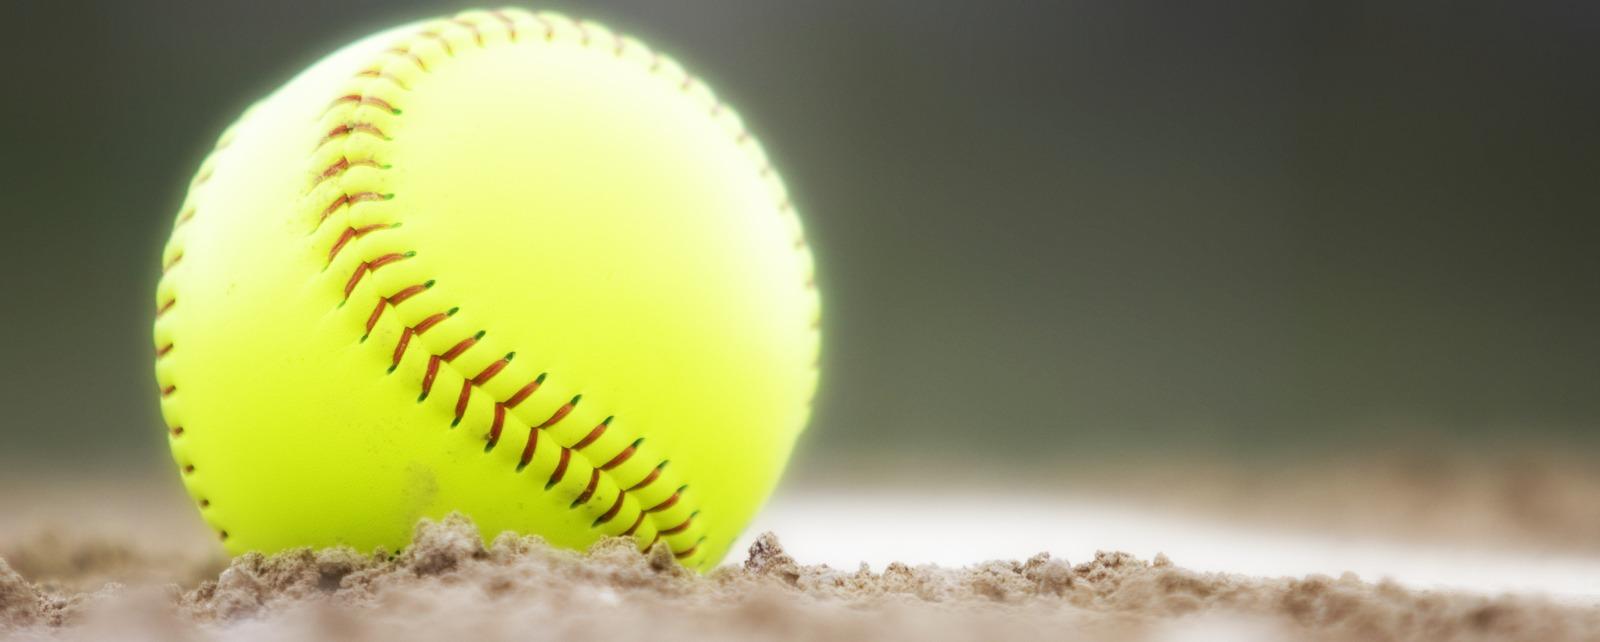 softball field wallpaper